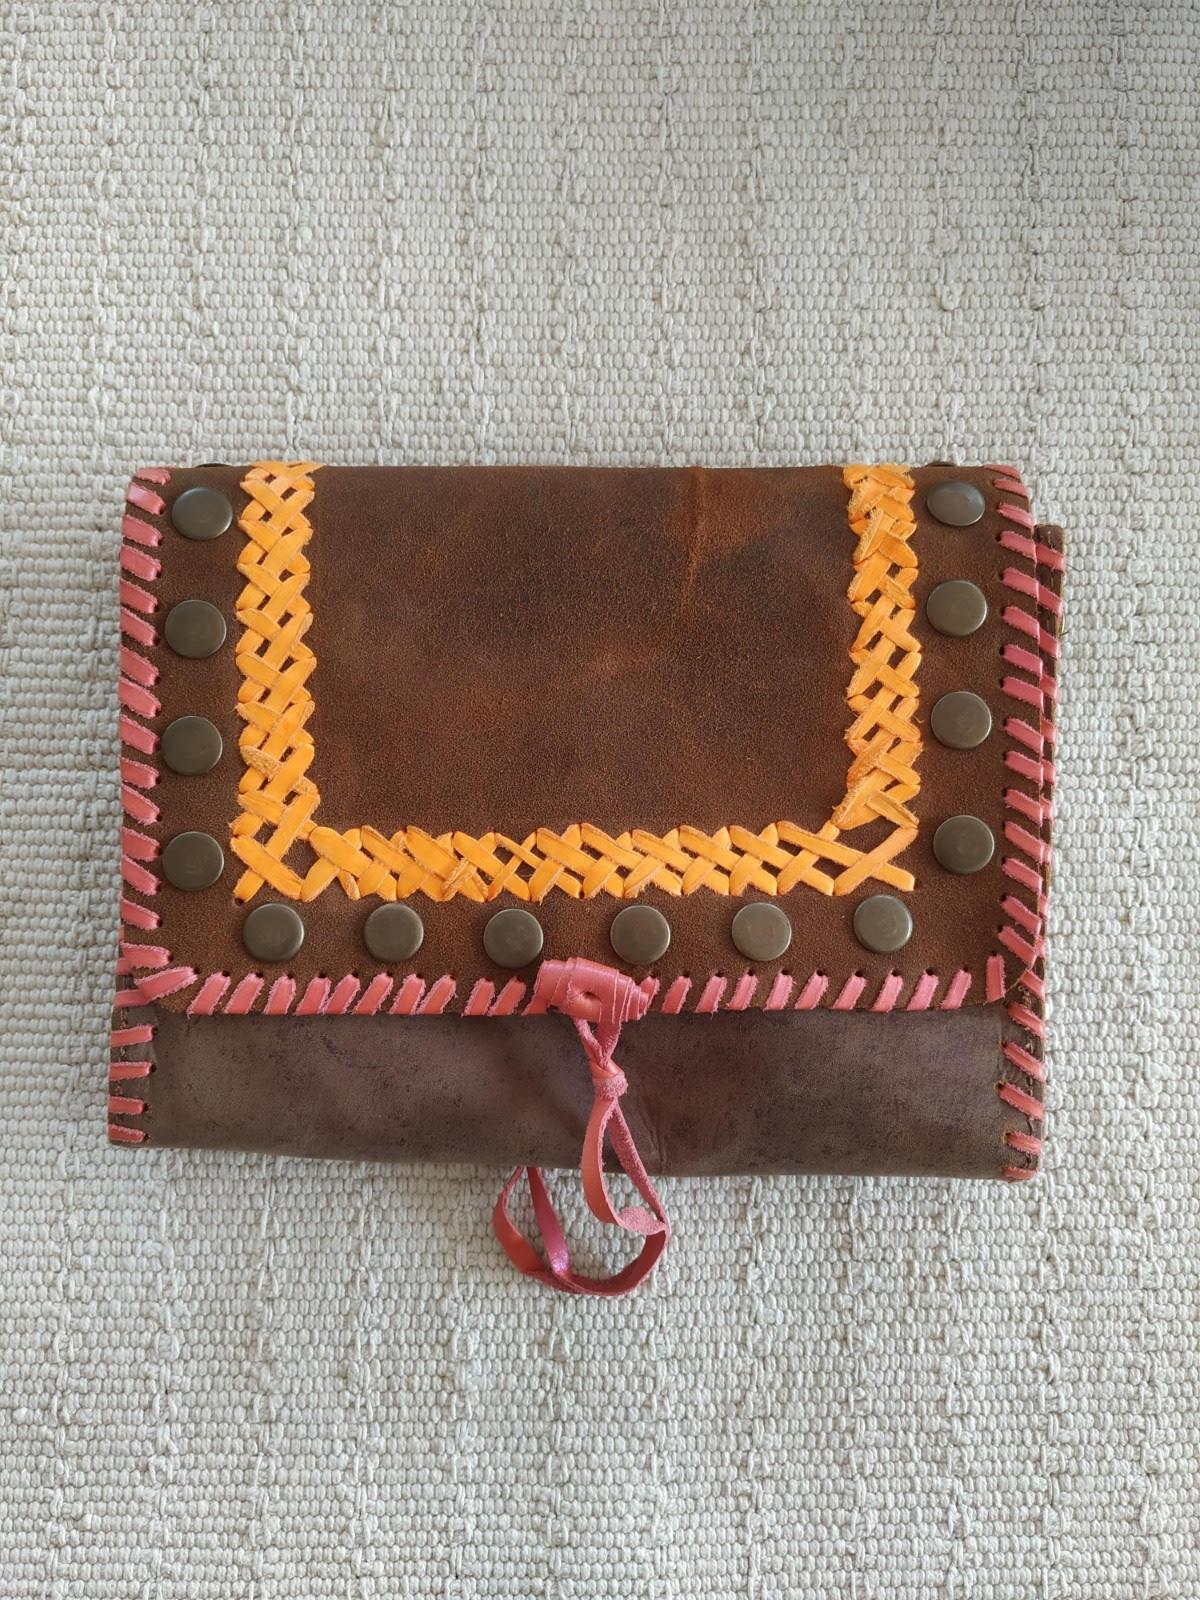 miuma-sobre-trenzado-marron-complementos-moda-cambrils